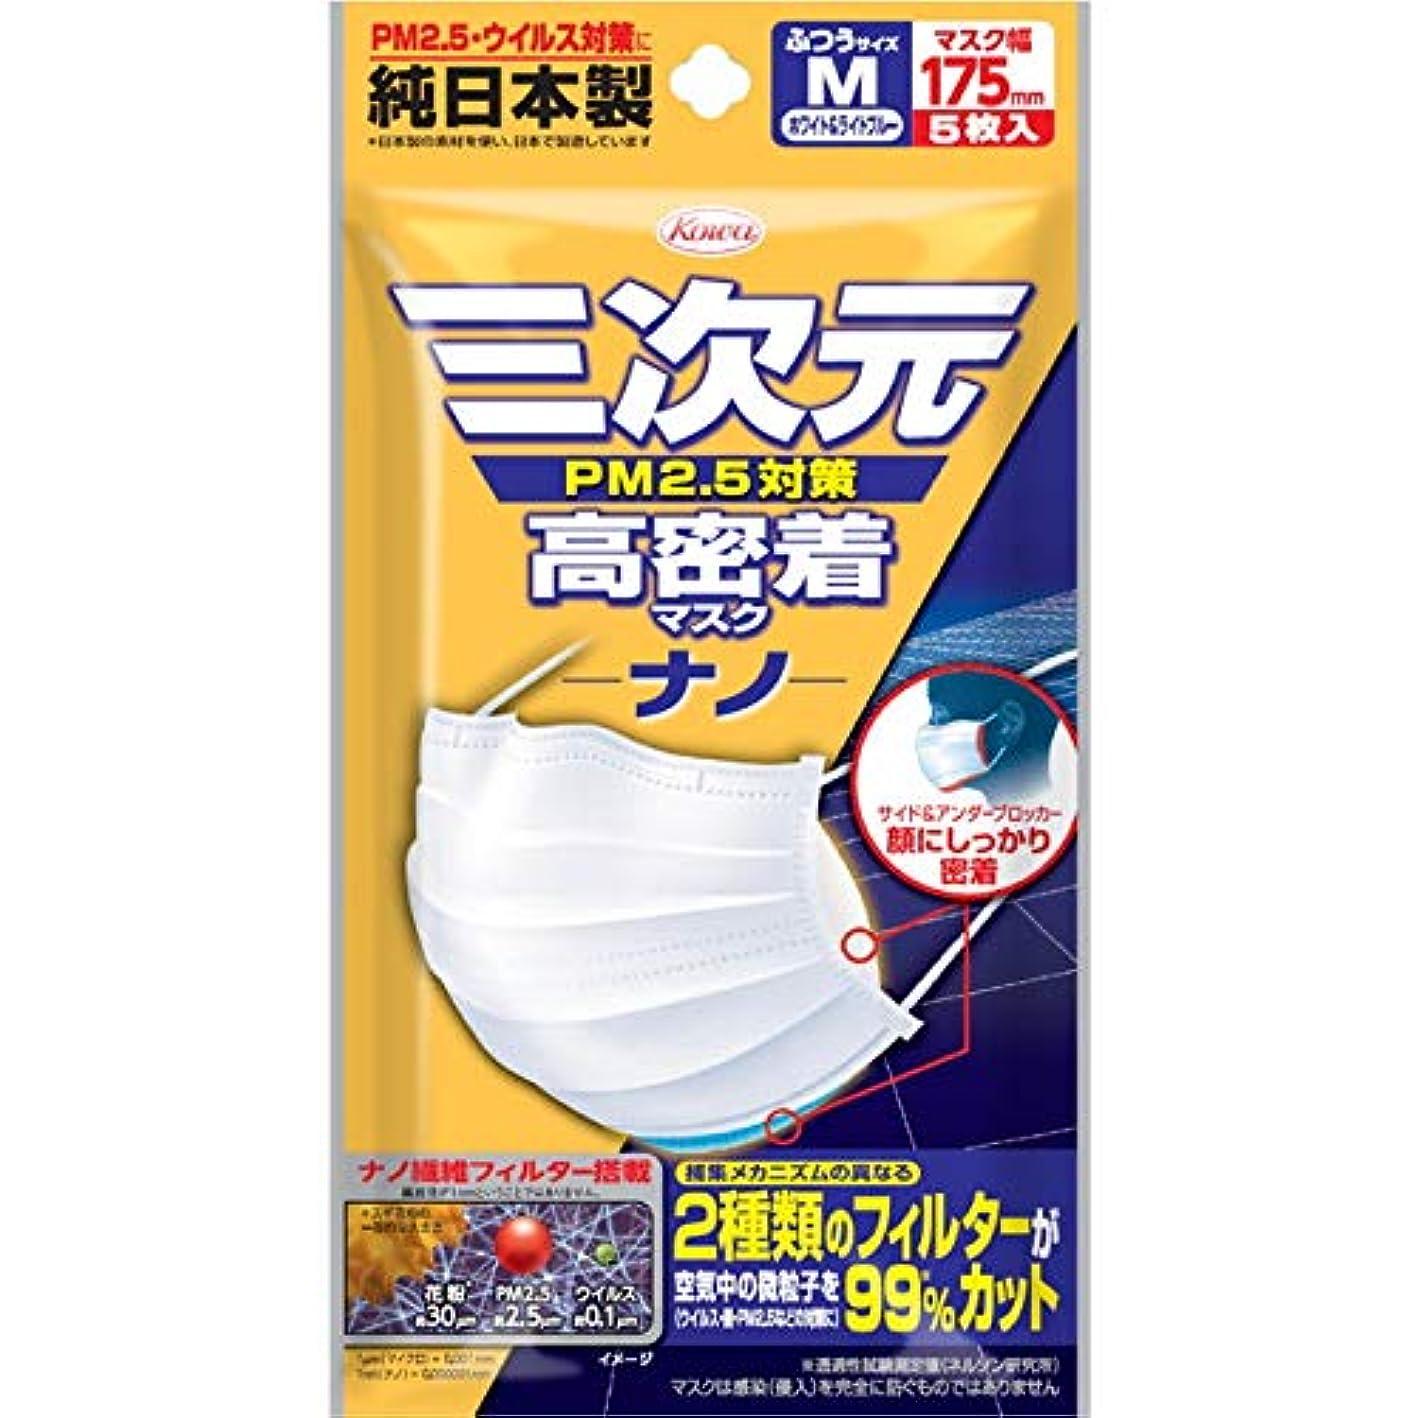 辞書案件衣装(興和新薬)三次元 高密着マスク ナノ ふつう Mサイズ 5枚入(お買い得5個セット)